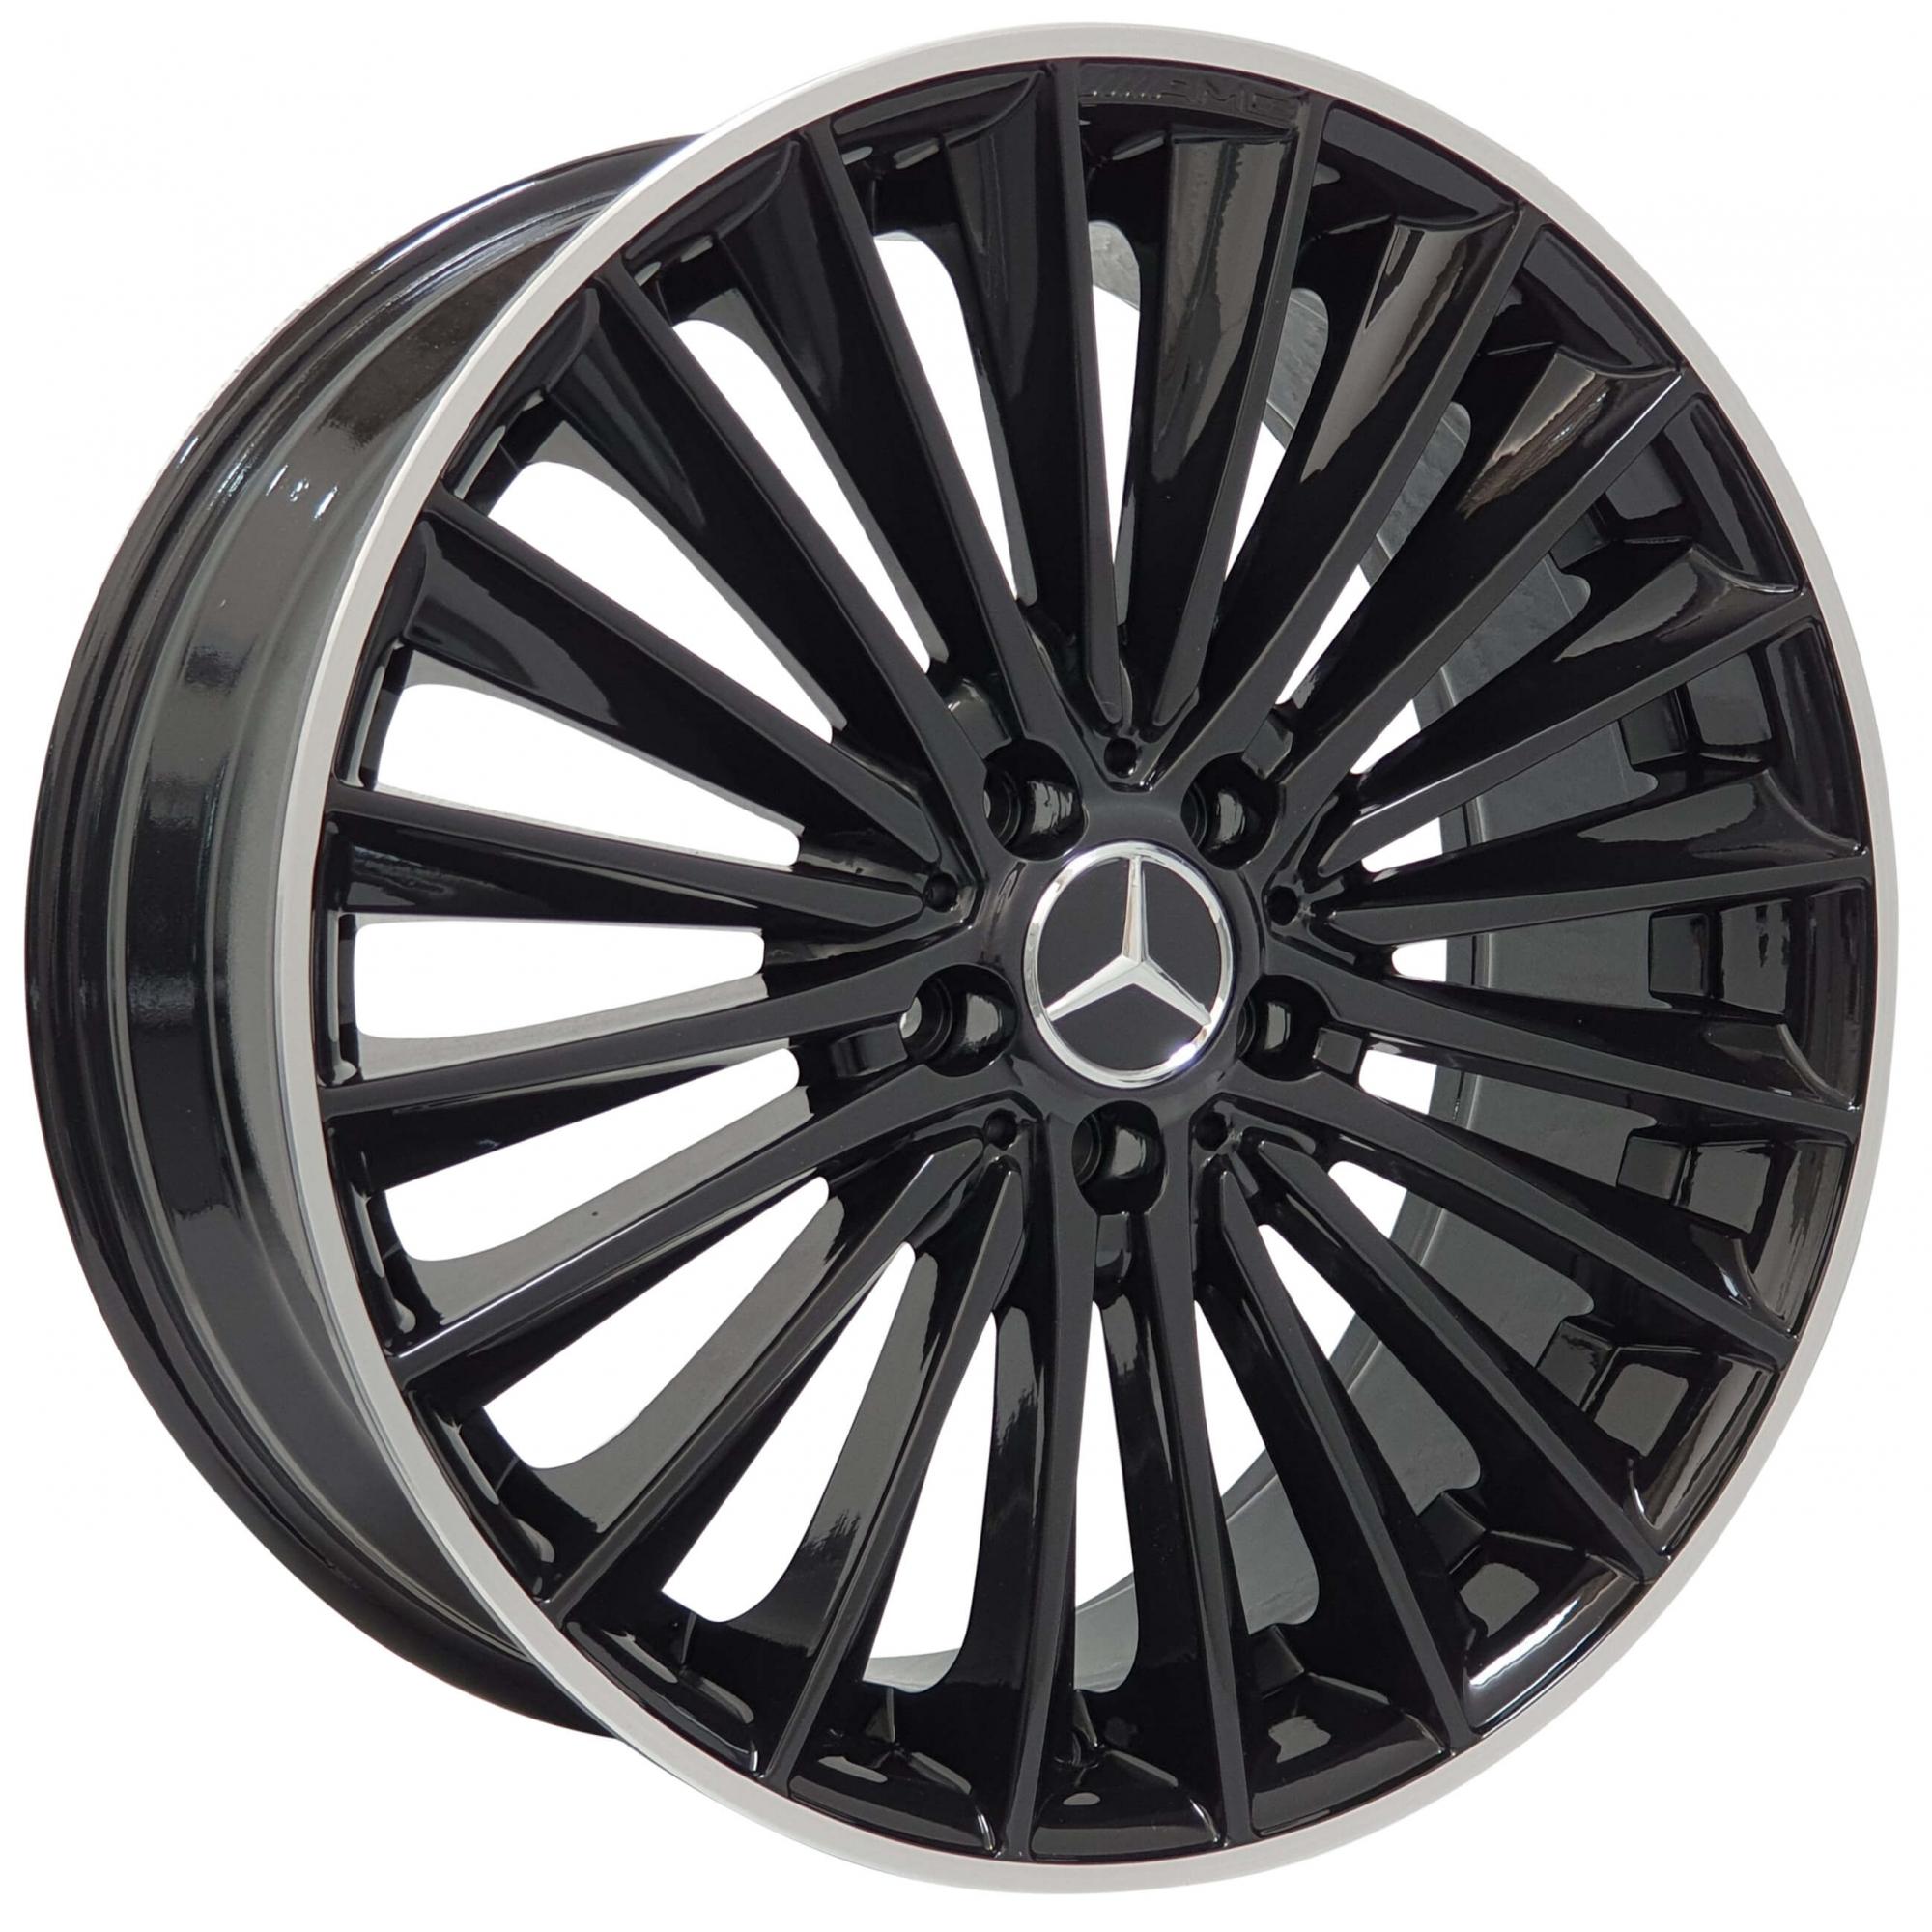 Jogo Rodas Mercedes C200 Zeus ZWMA3 20x8/9 5x112 (ET45/50) Preto Brilhante C/ Filete Diamantado